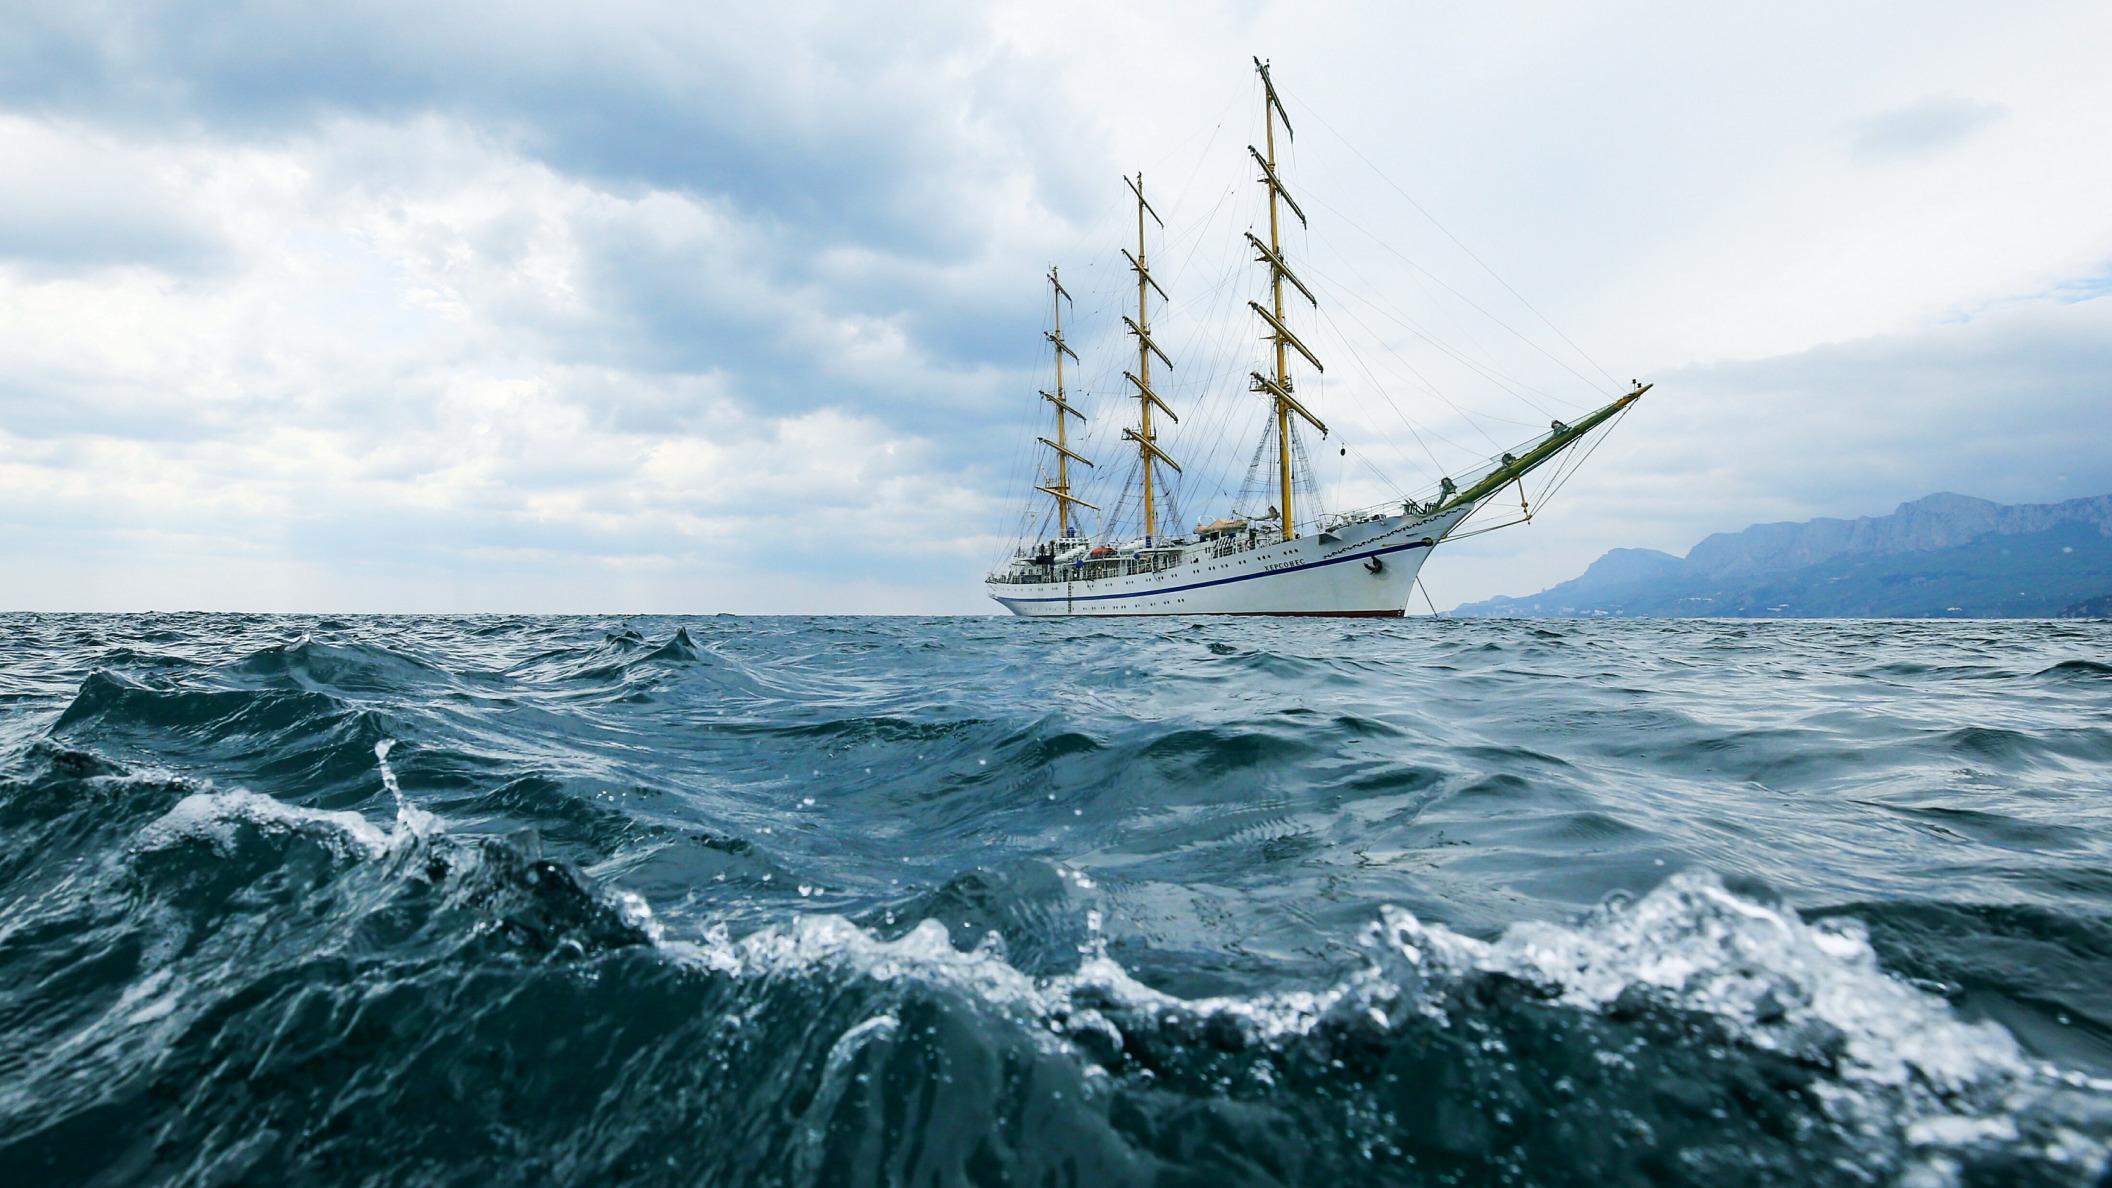 фото море волна корабль что просто наслаждайся